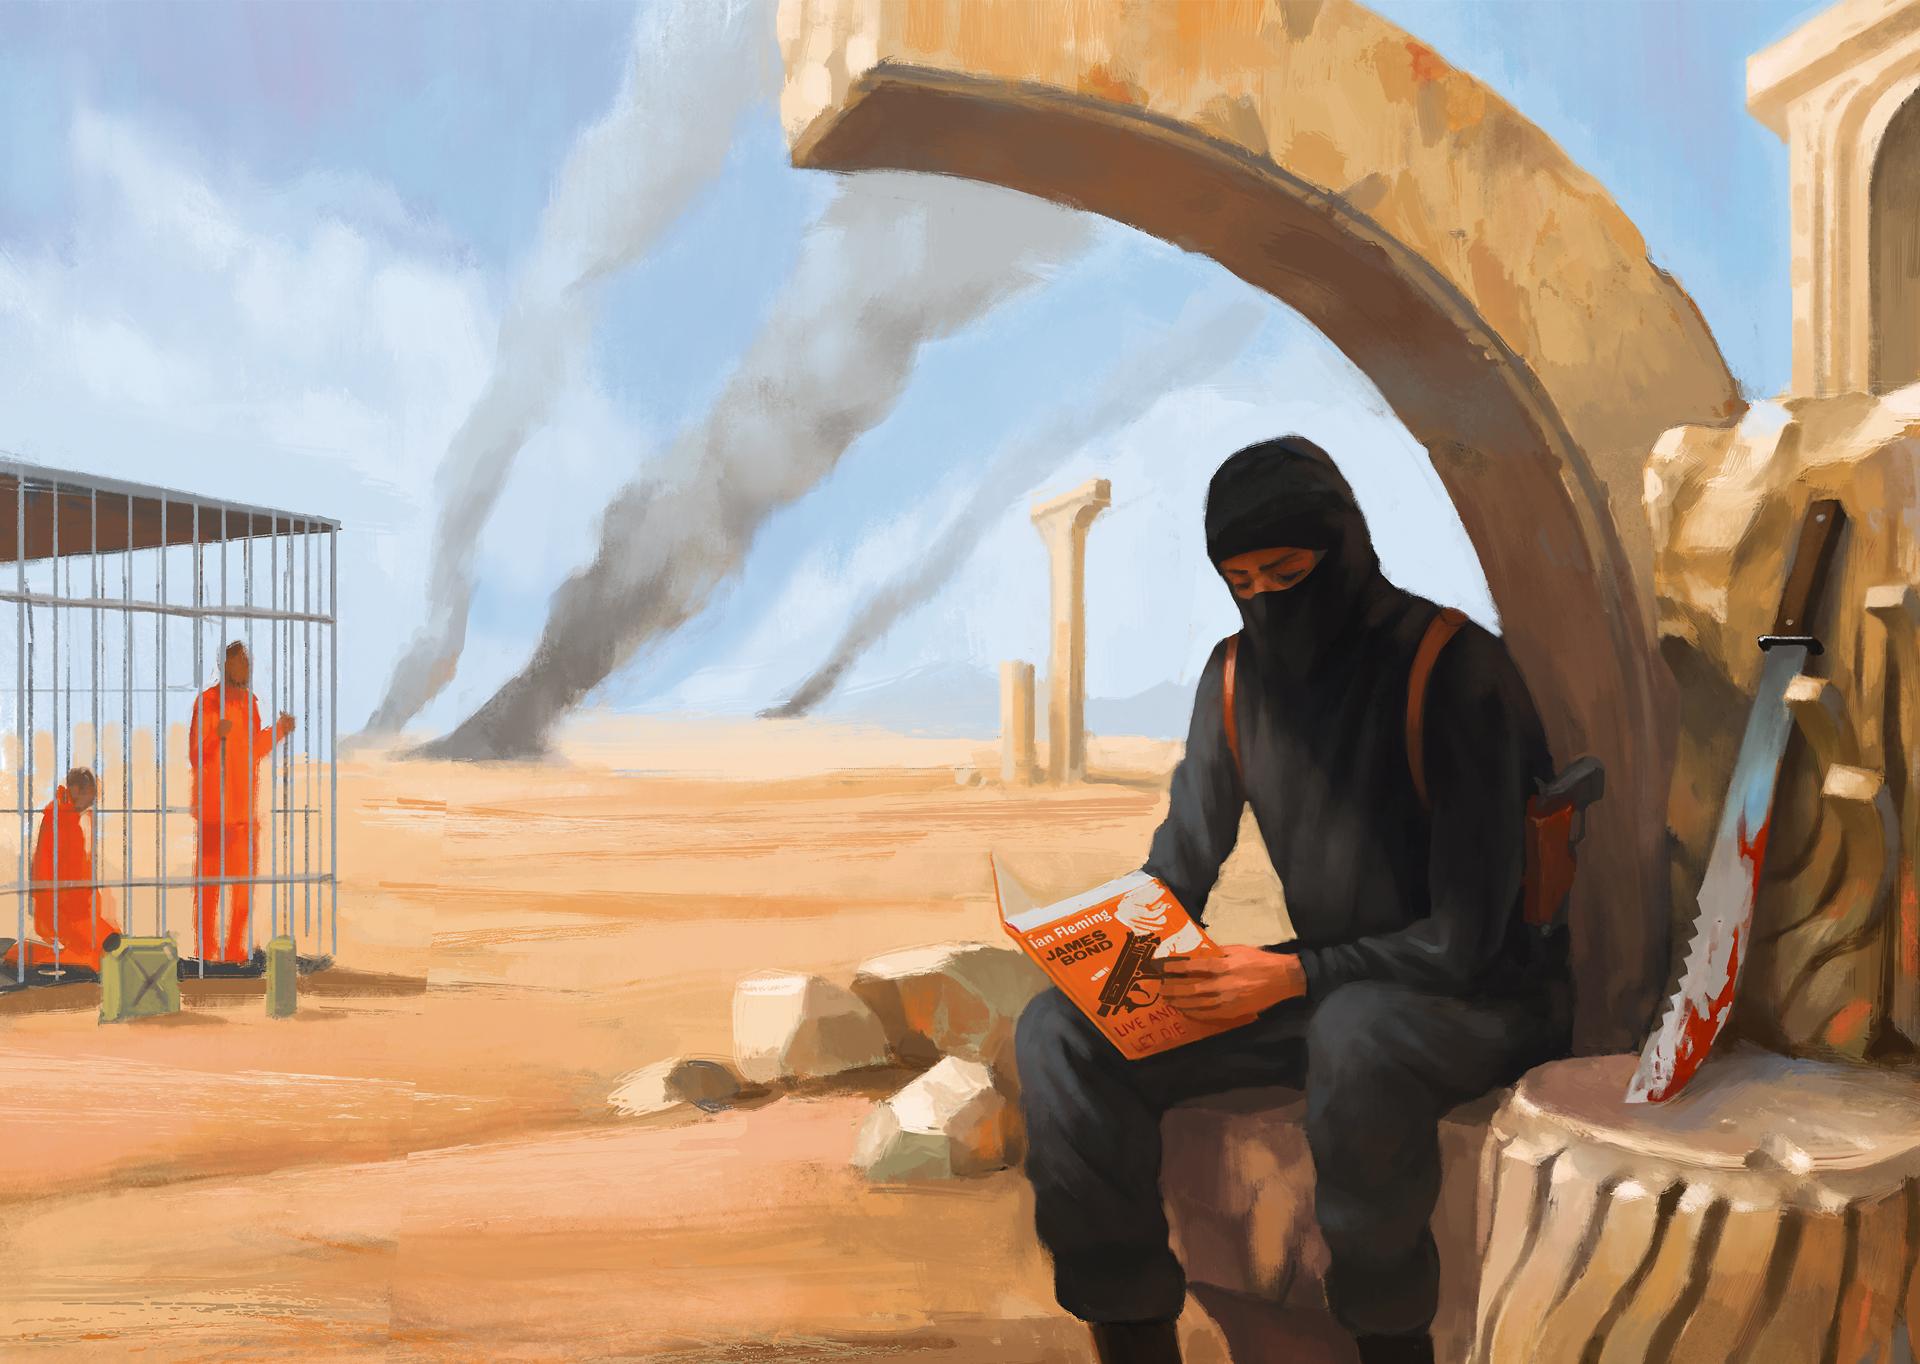 bitcoin és terrorizmus - csepp a tengerben az olajdollármilliókhoz és más támogatásokhoz képest, amit az Iszlám Állam kap évente